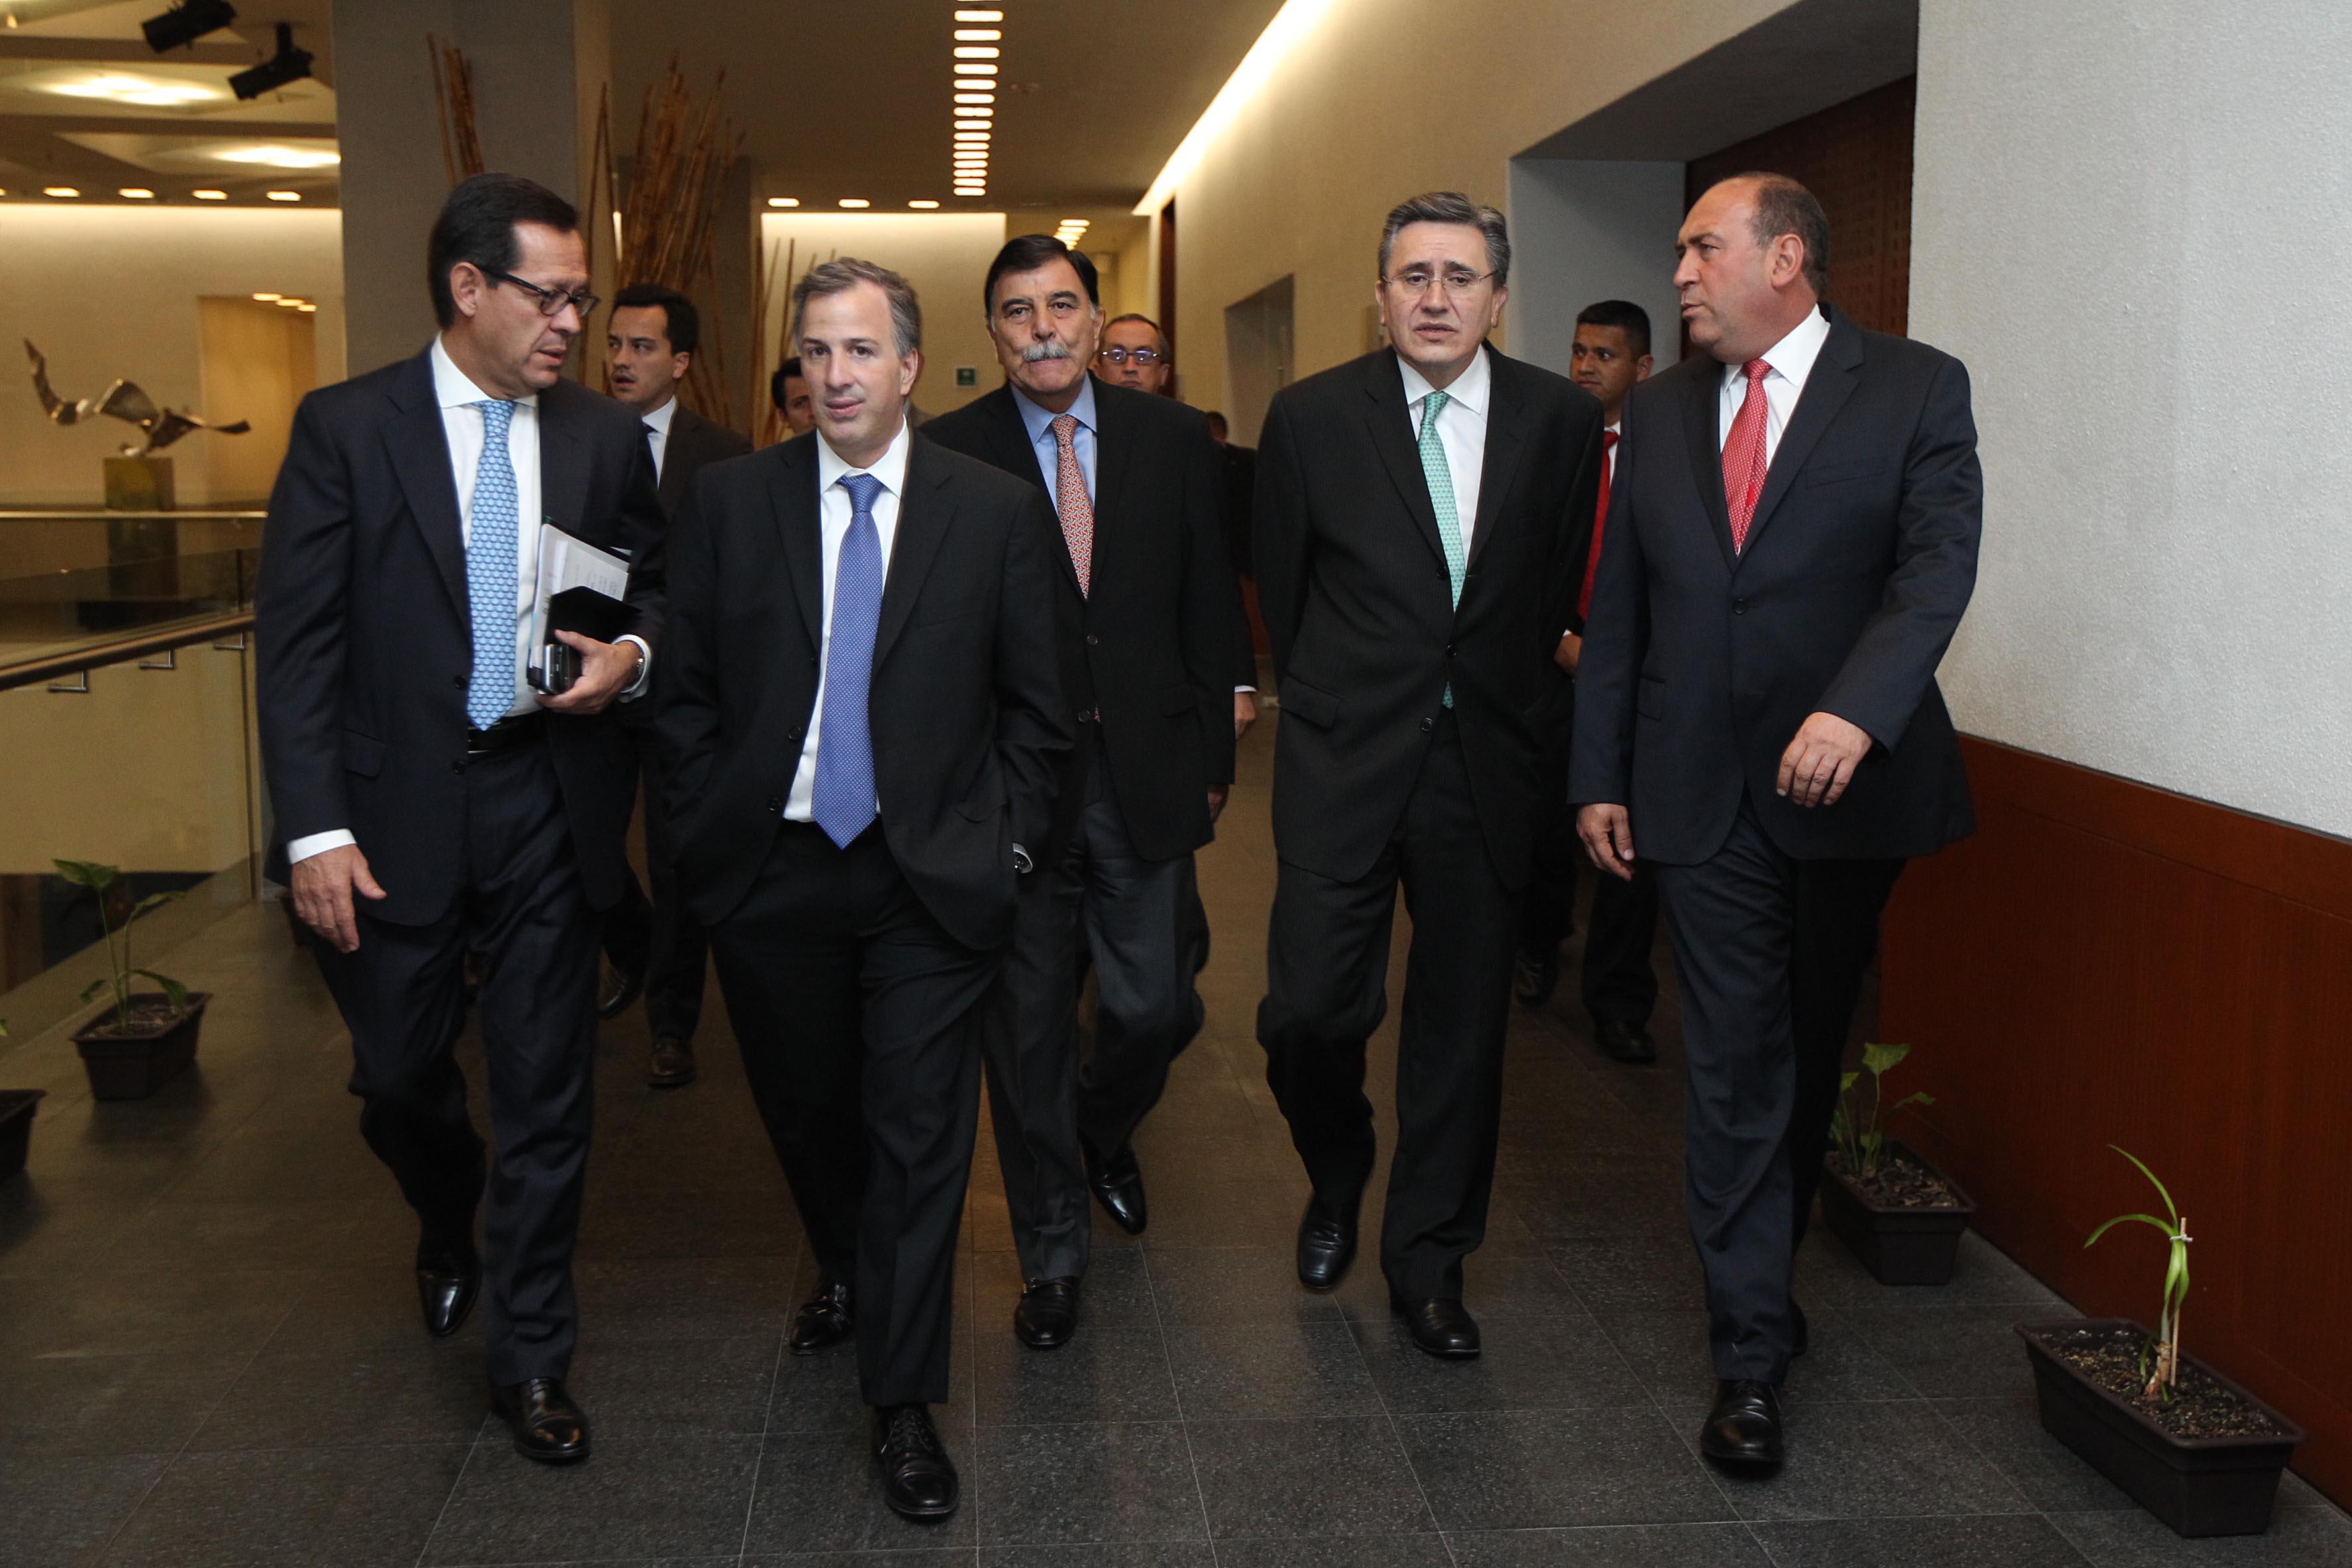 FOTO 2 Roberto Campa  el canciller Jos  Antonio Meade  Mariano Gonz lez Zarur  Luis Ra l Gonz lez y Rub n Moreira  en la reuni  de la CONAGOjpg